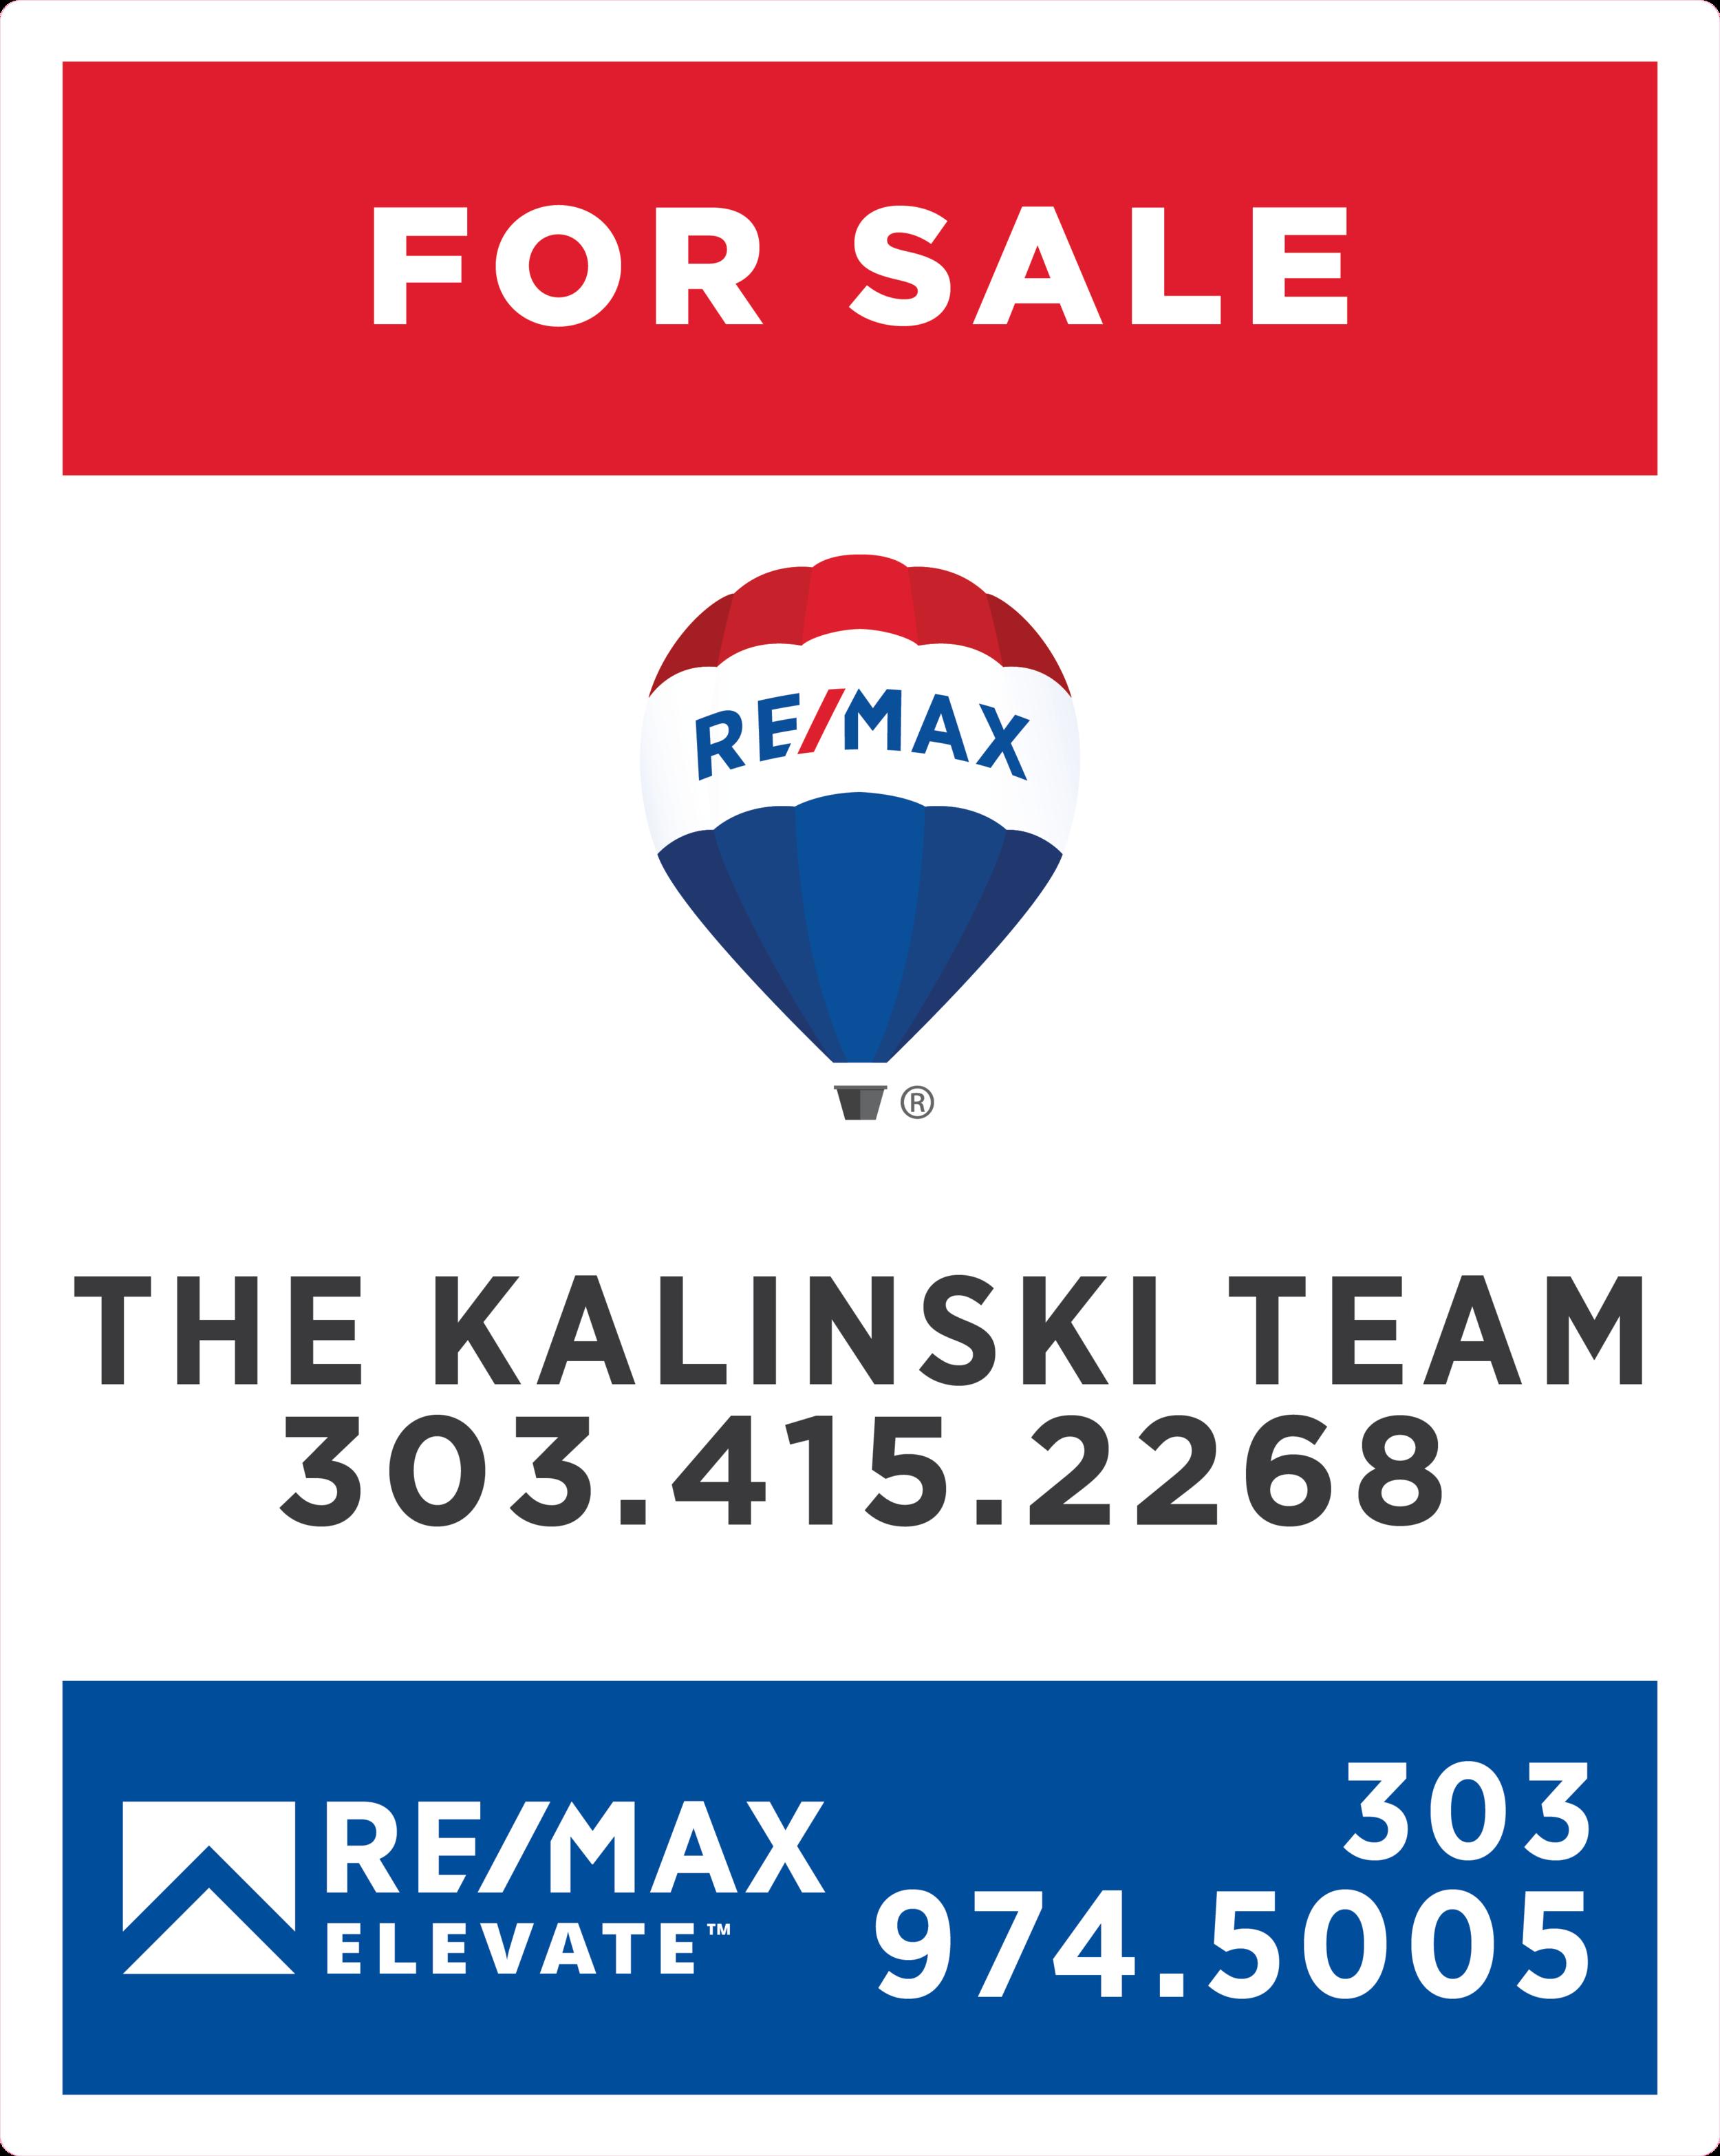 ReMax ELEV Kalinski Team Inv. 93738 Item N 30x24 FOR SALE Proof 04-19-19-01.png